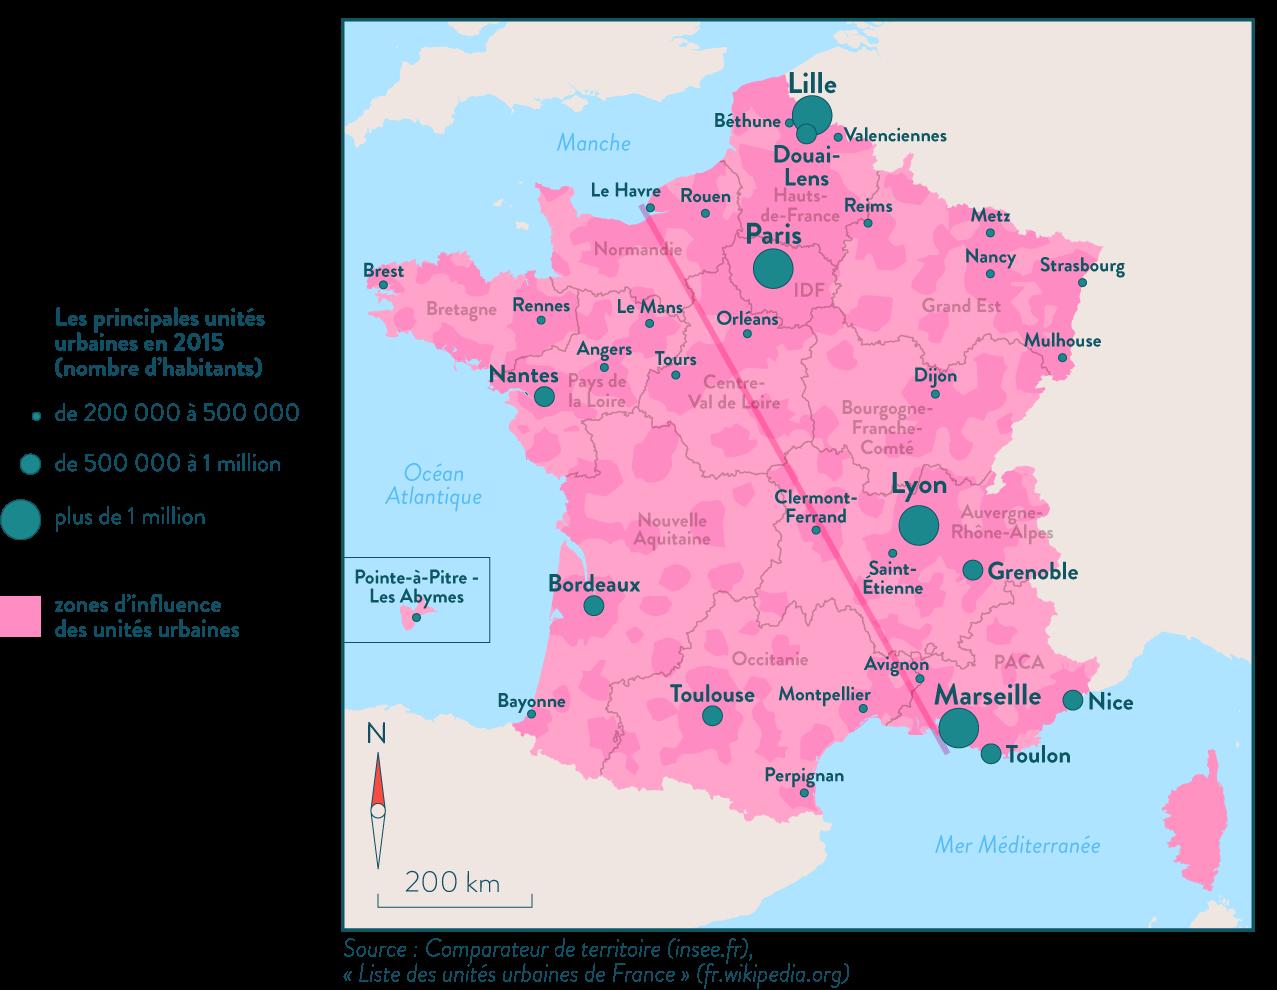 Carte des principaux territoires urbains en France